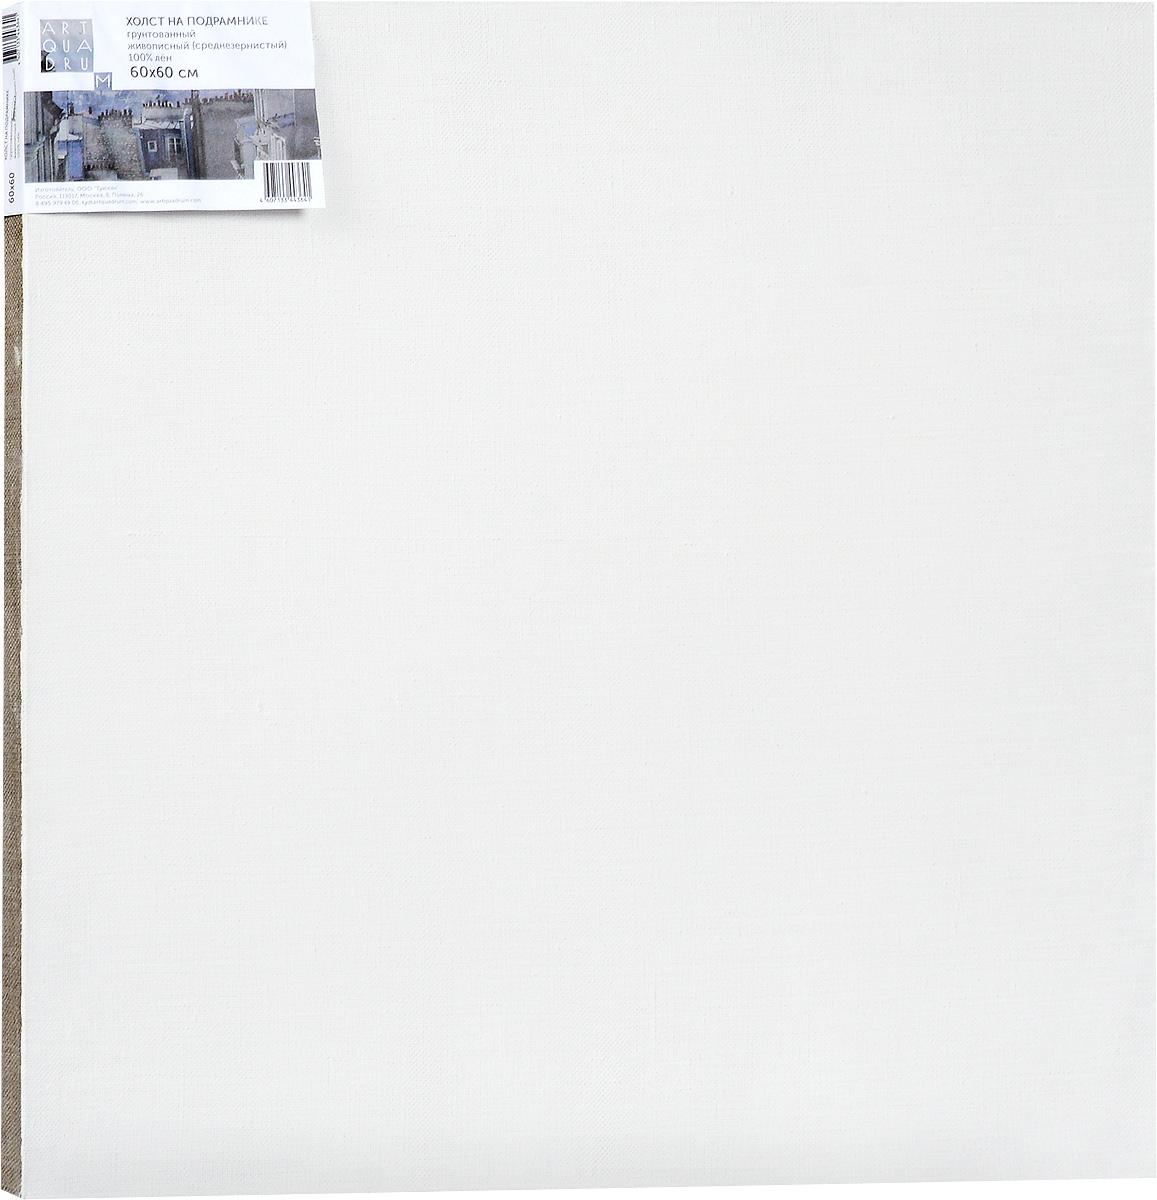 Холст ArtQuaDram Живописный на подрамнике, среднезернистый, грунтованный, 60 х 60 смТ0003756Холст на деревянном подрамнике ArtQuaDram Живописный изготовлен из 100% натурального льна. Подходит для профессионалов и художников. Холст не трескается, не впитывает слишком много краски, цвет краски и качество не изменяются. Холст идеально подходит для масляной и акриловой живописи.